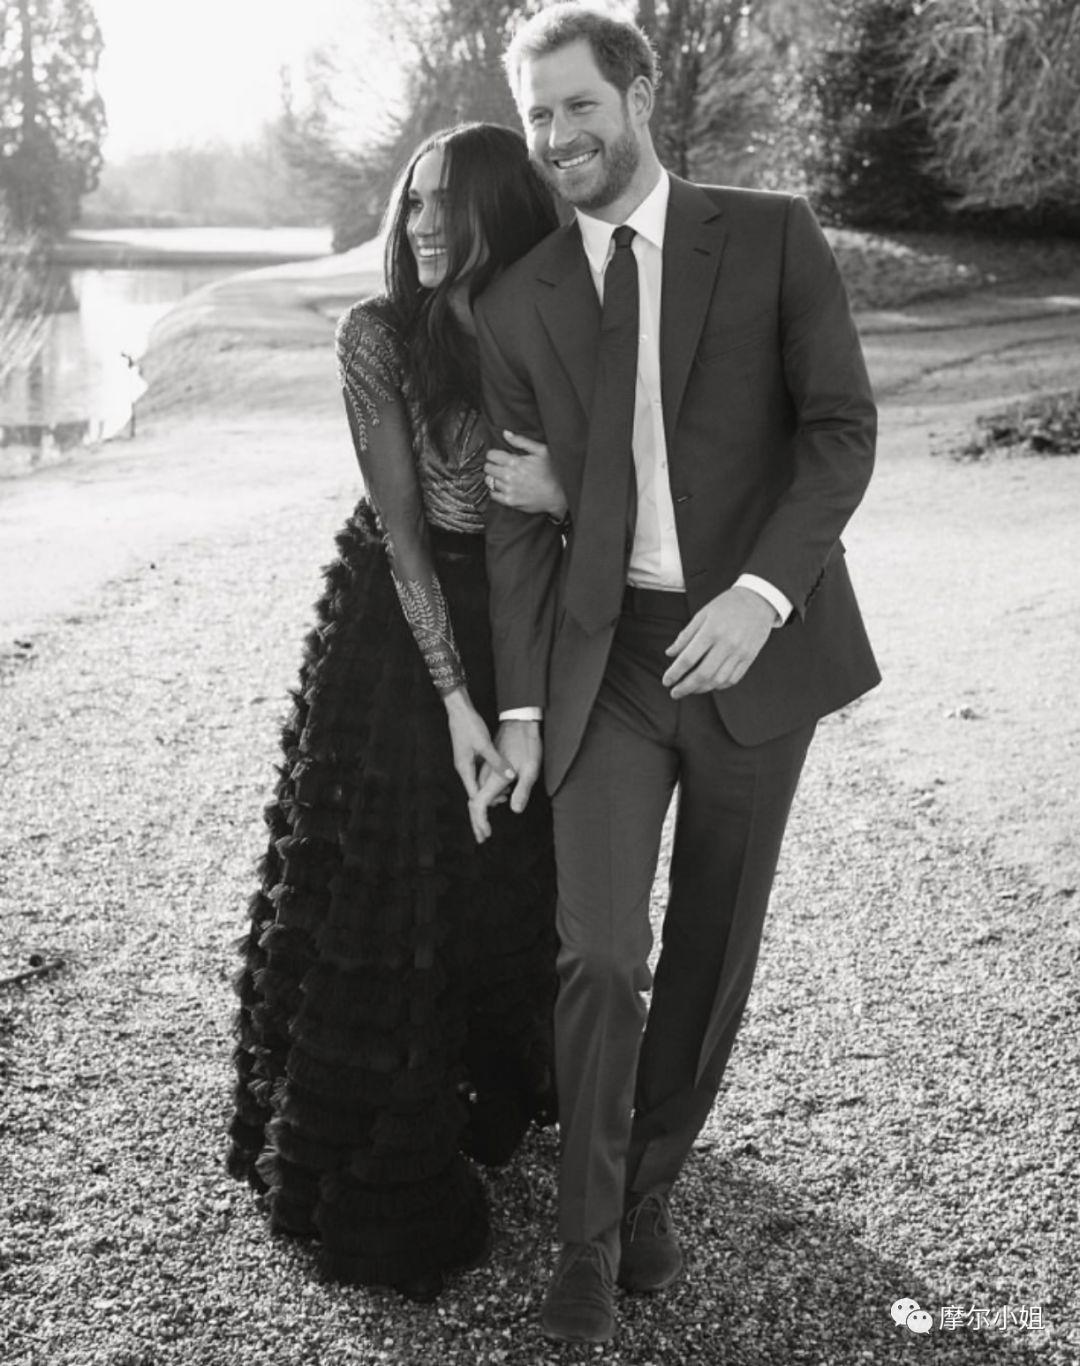 姐姐是凯特王妃又怎样?自己嫁的豪门,丑闻满天飞,也要保持微笑